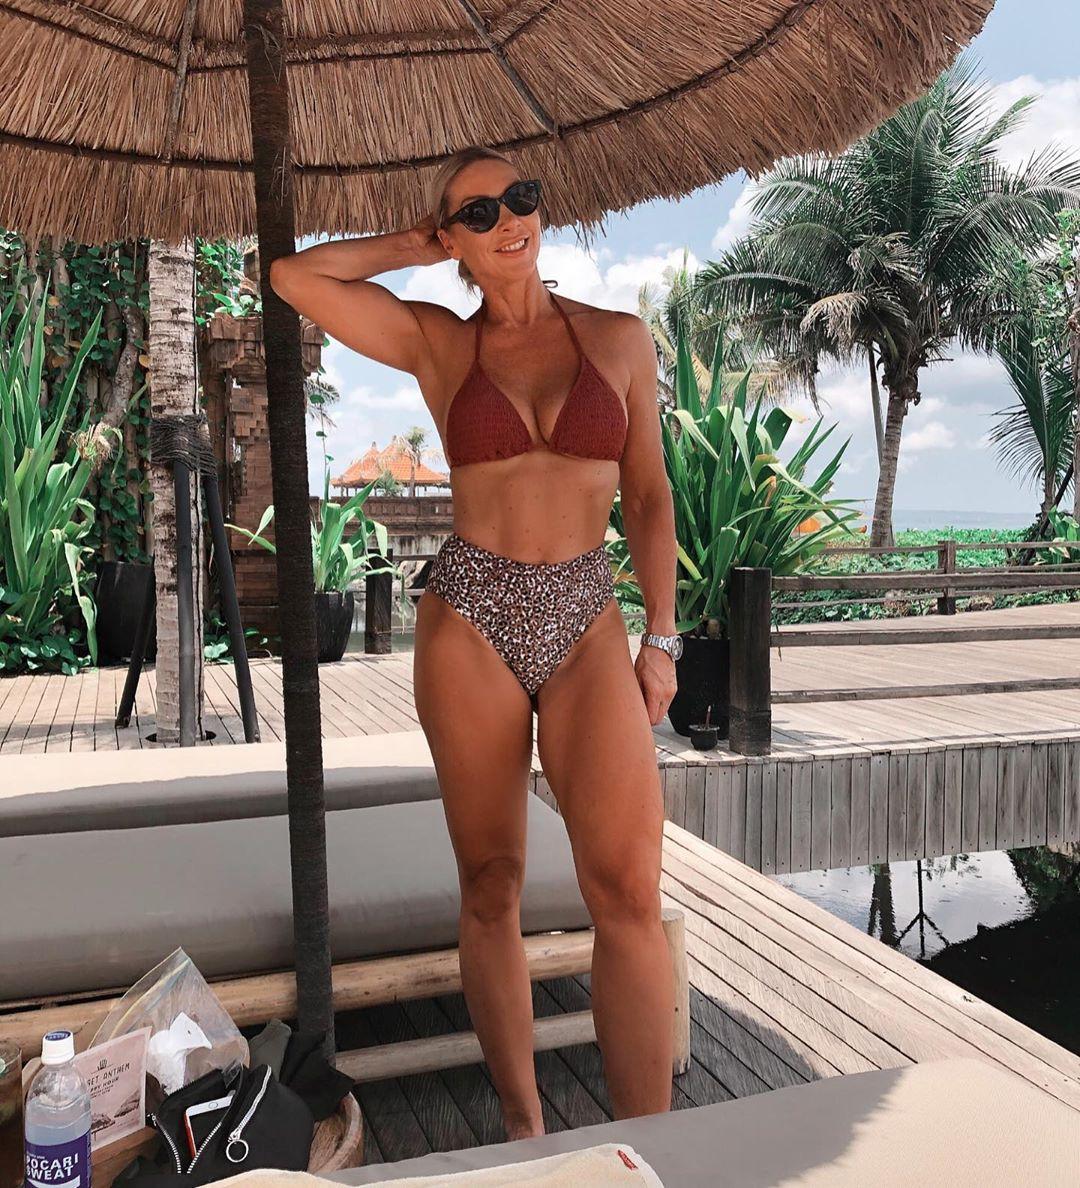 Katie Hewett undergarment, lingerie, bikini swimwear matching outfit